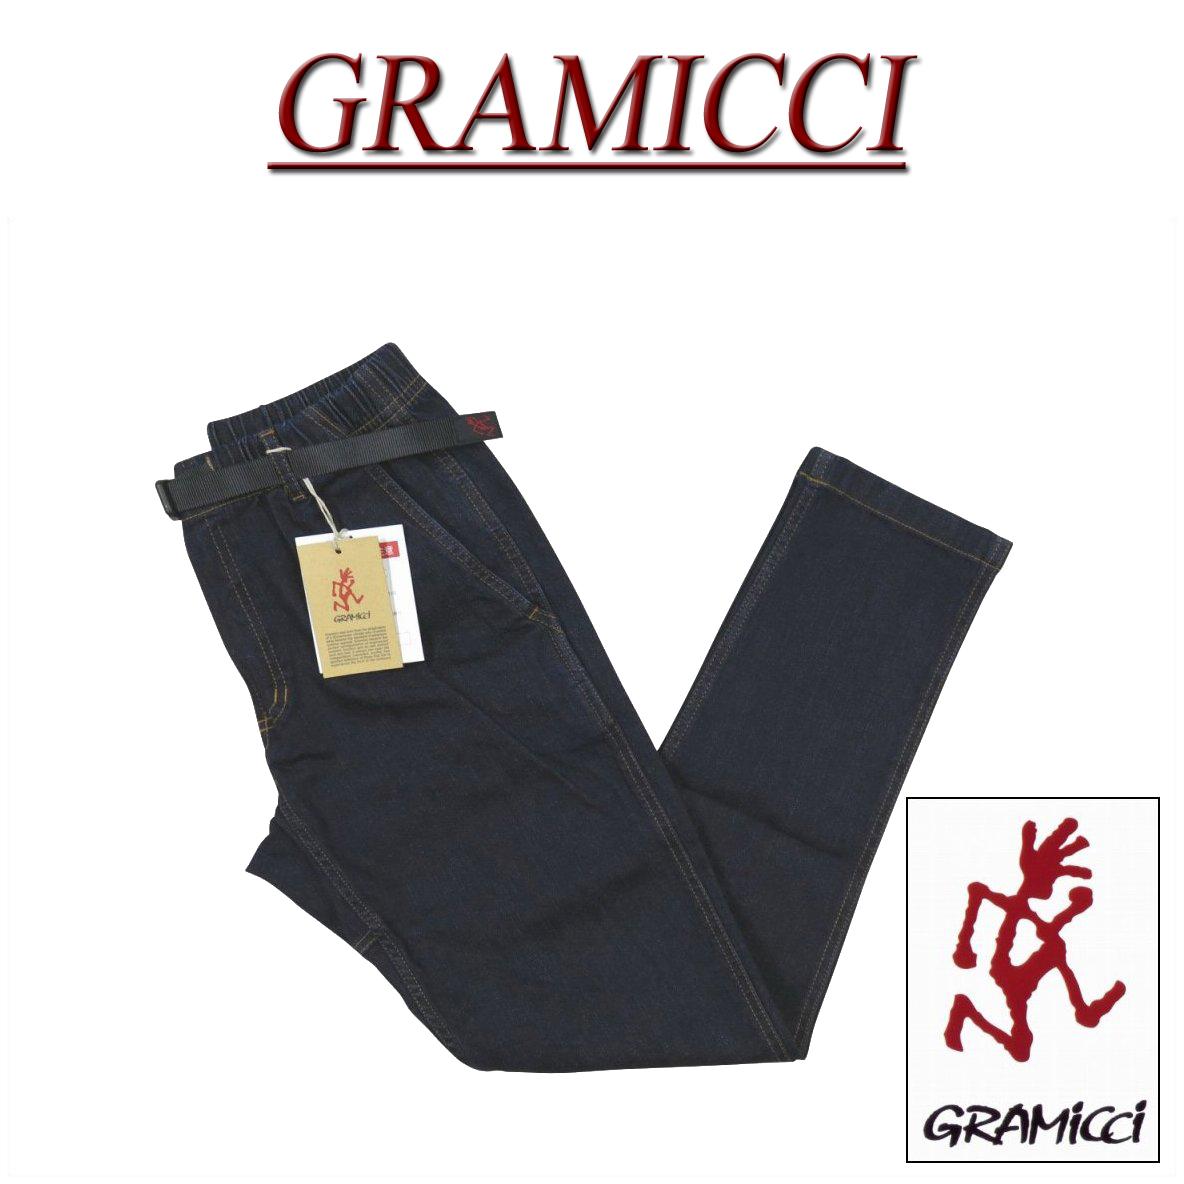 【4サイズ】 gm521 新品 GRAMICCI DENIM SLIM PANTS ストレッチデニム スリムパンツ クライミングパンツ GMP-18F014 ONE WASH メンズ グラミチ デニムパンツ アメカジ ロング 【smtb-kd】